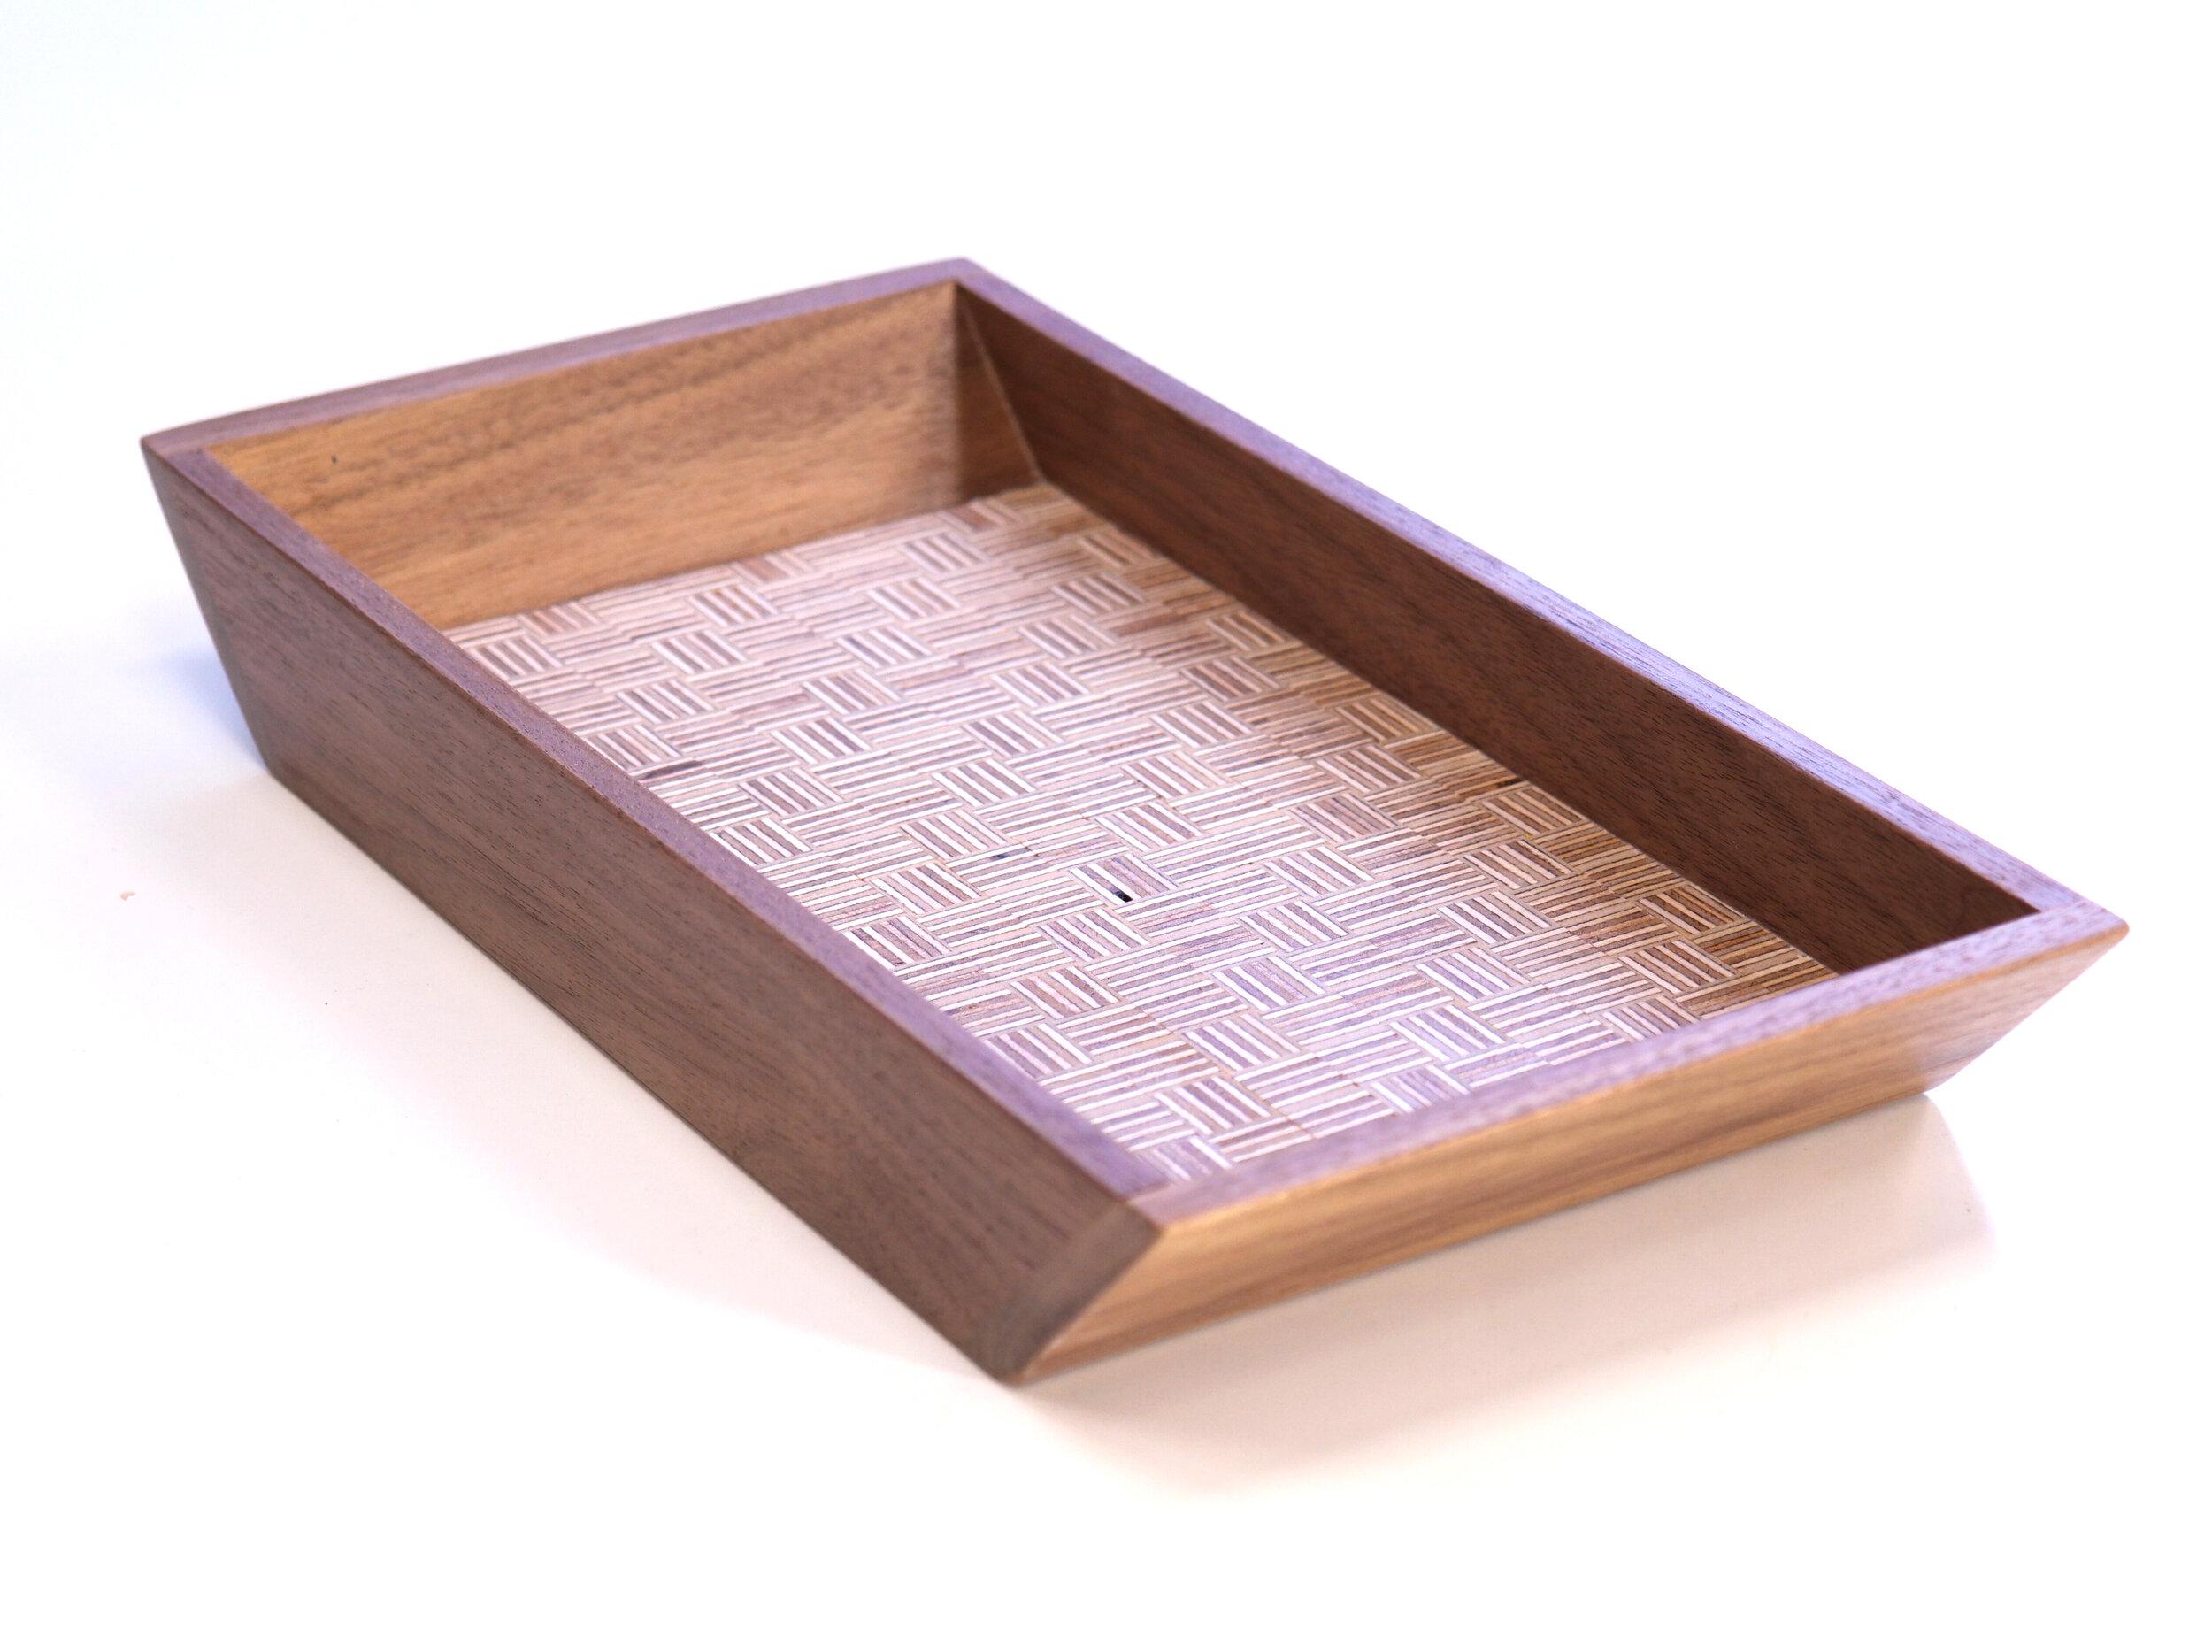 Basket Weave 3 - https://www.ebay.com/itm/333336244507